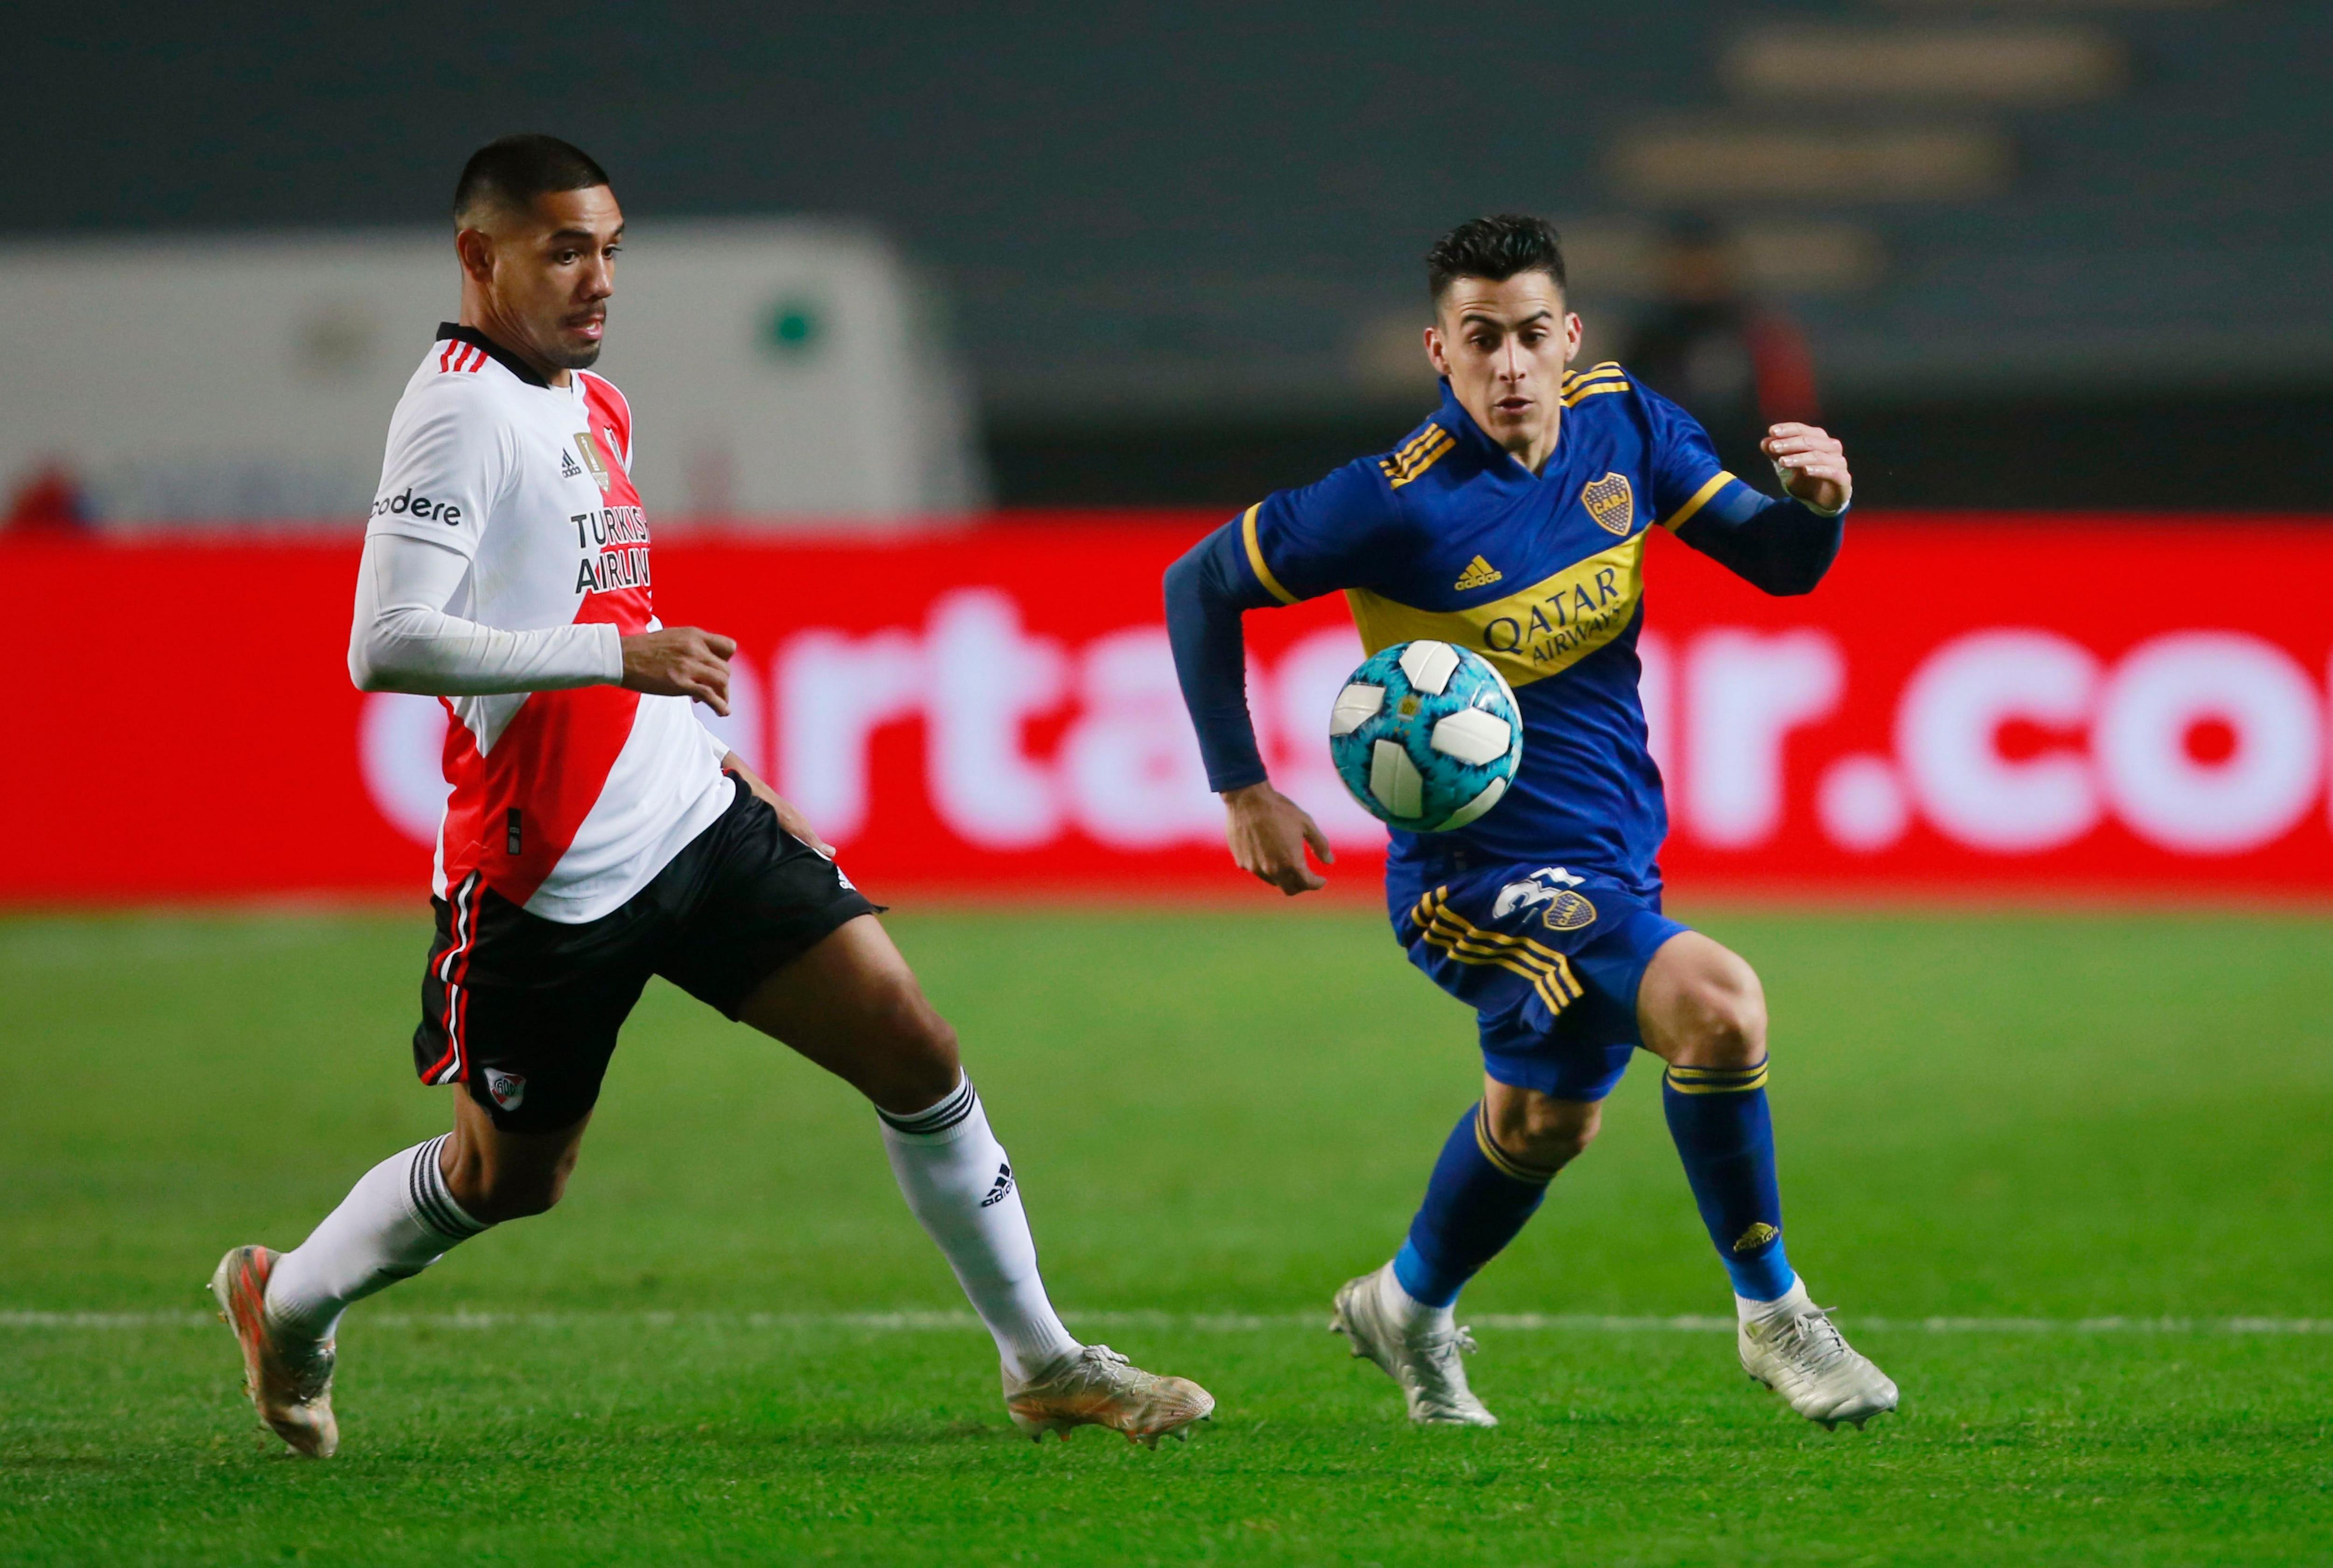 Si bien Martínez podría volver contra Central Córdoba, Gallardo lo guardaría para el Superclásico (REUTERS/Demian Alday Estévez)